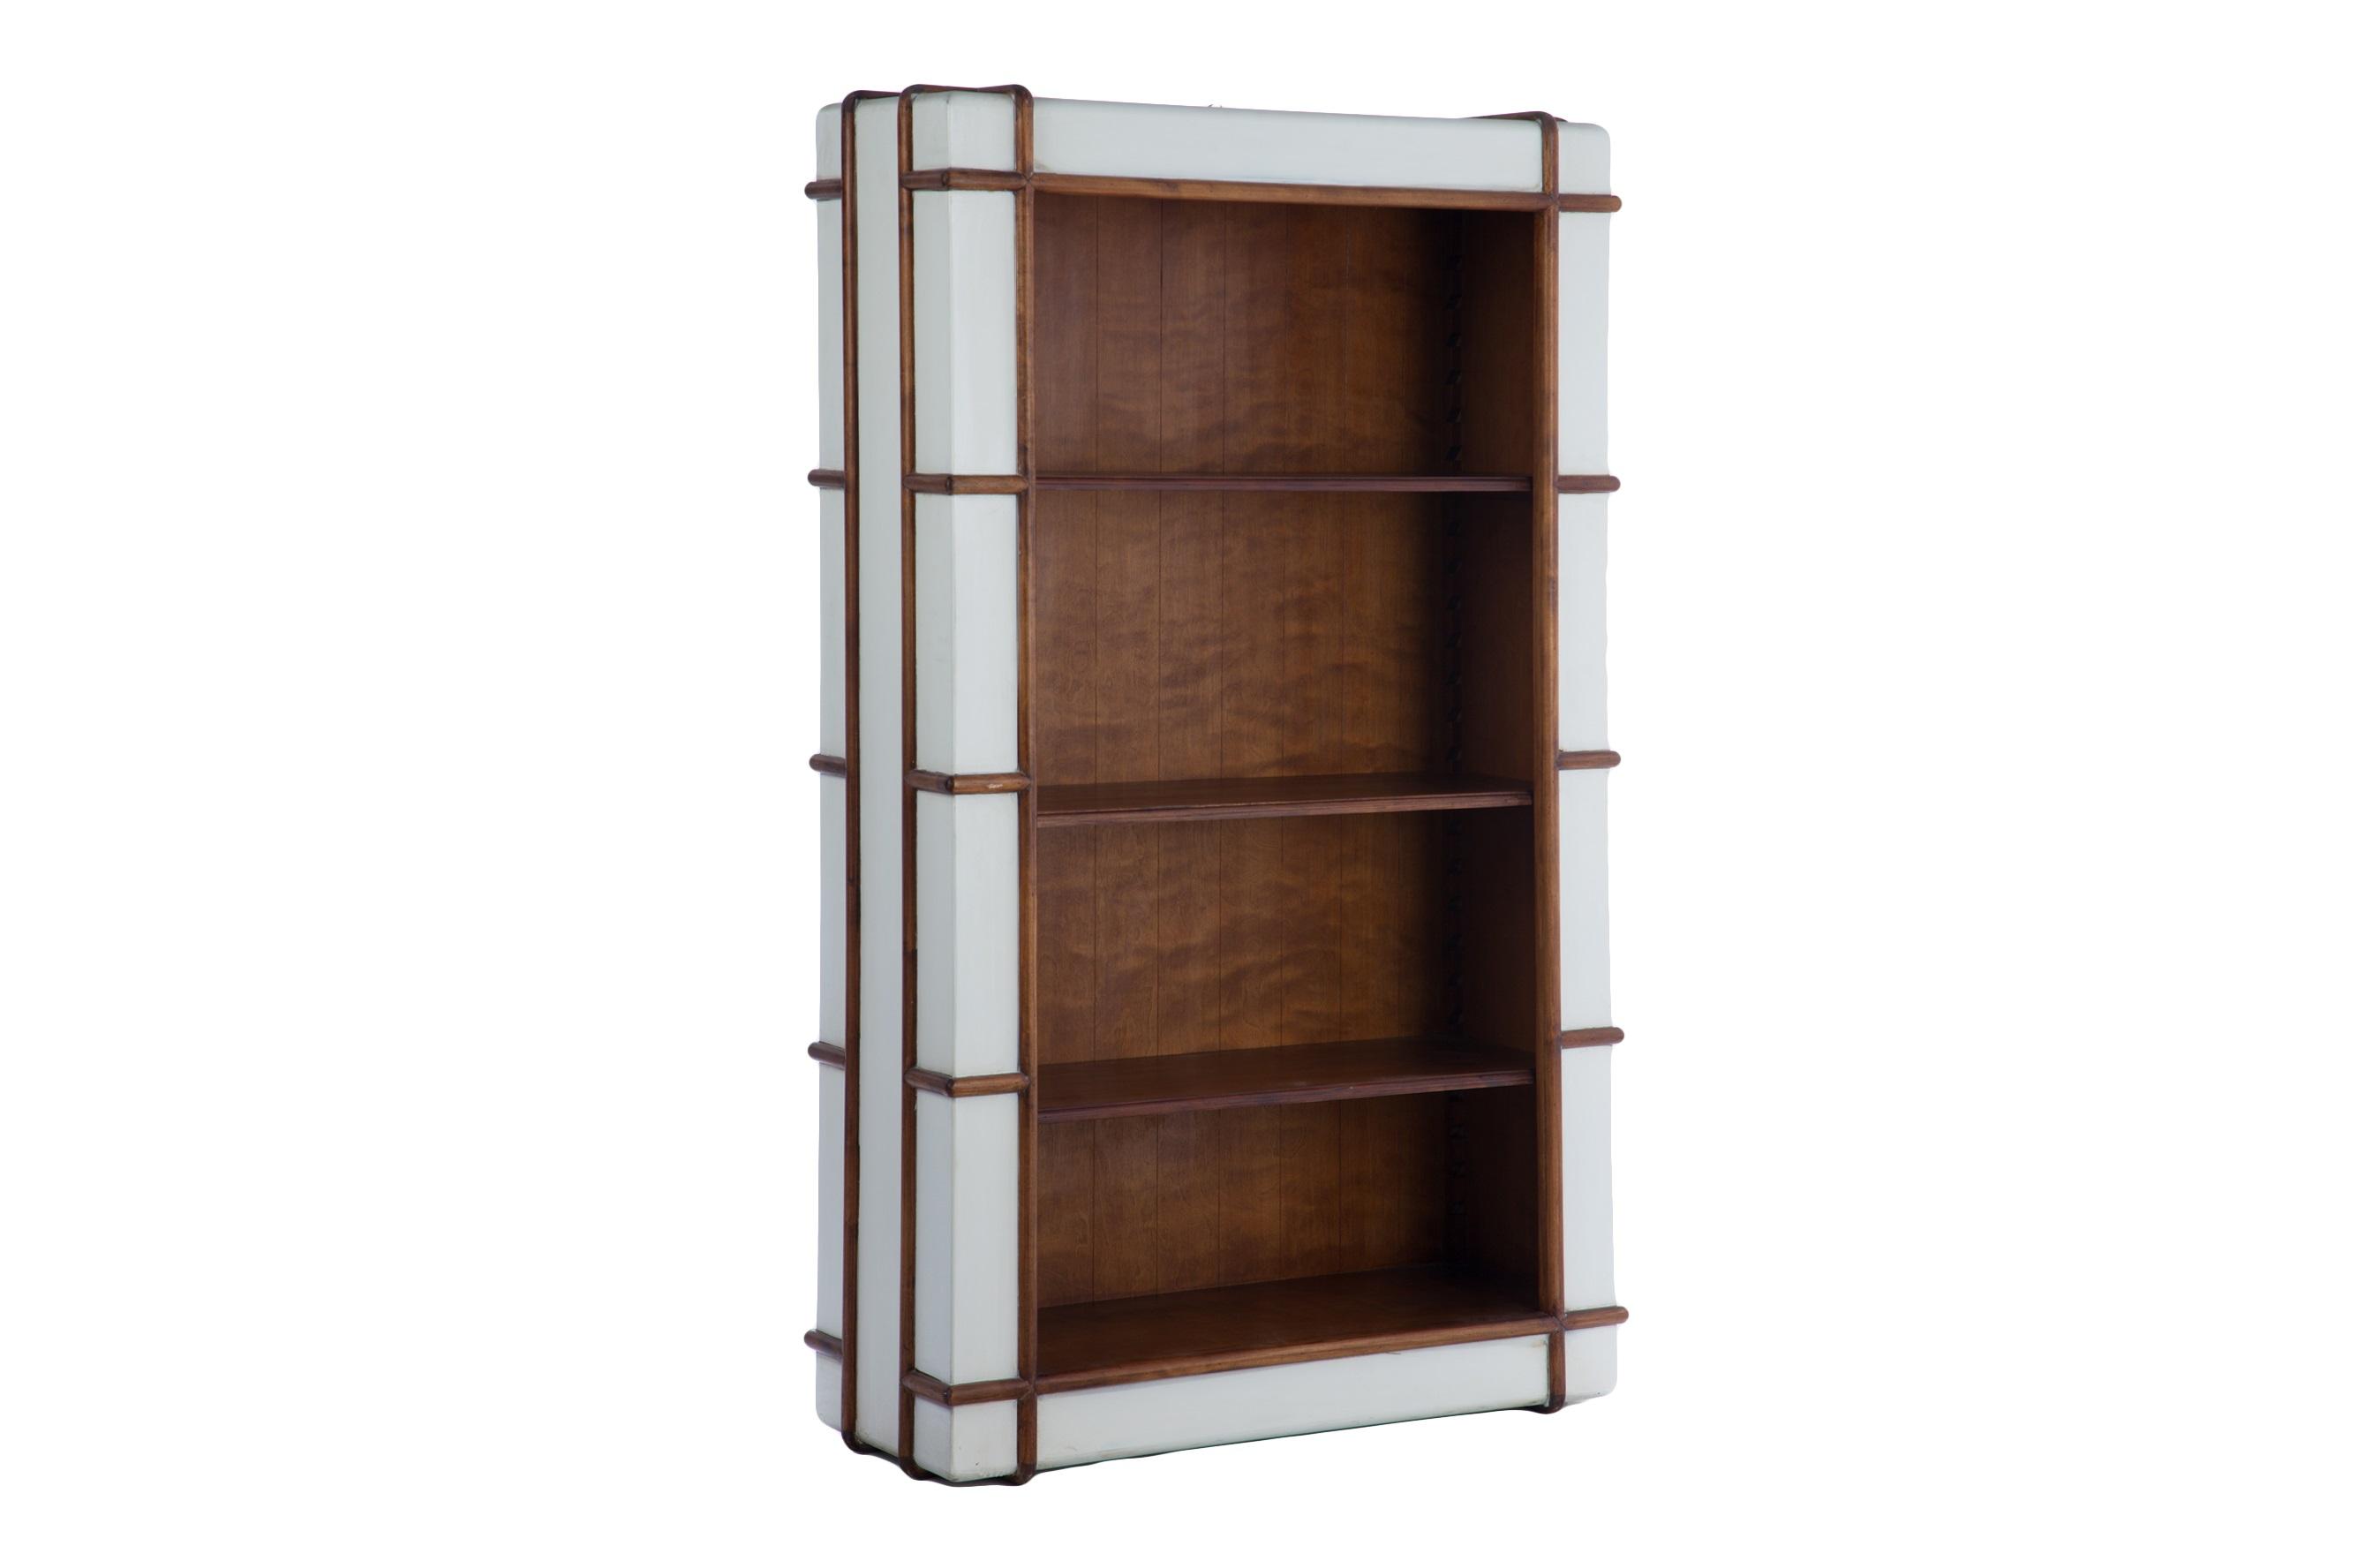 Книжный шкафСтеллажи и этажерки<br>Книжный шкаф из массива березы ручной работы с оригинальной отделкой.<br><br>Material: Береза<br>Width см: 112<br>Depth см: 42<br>Height см: 183